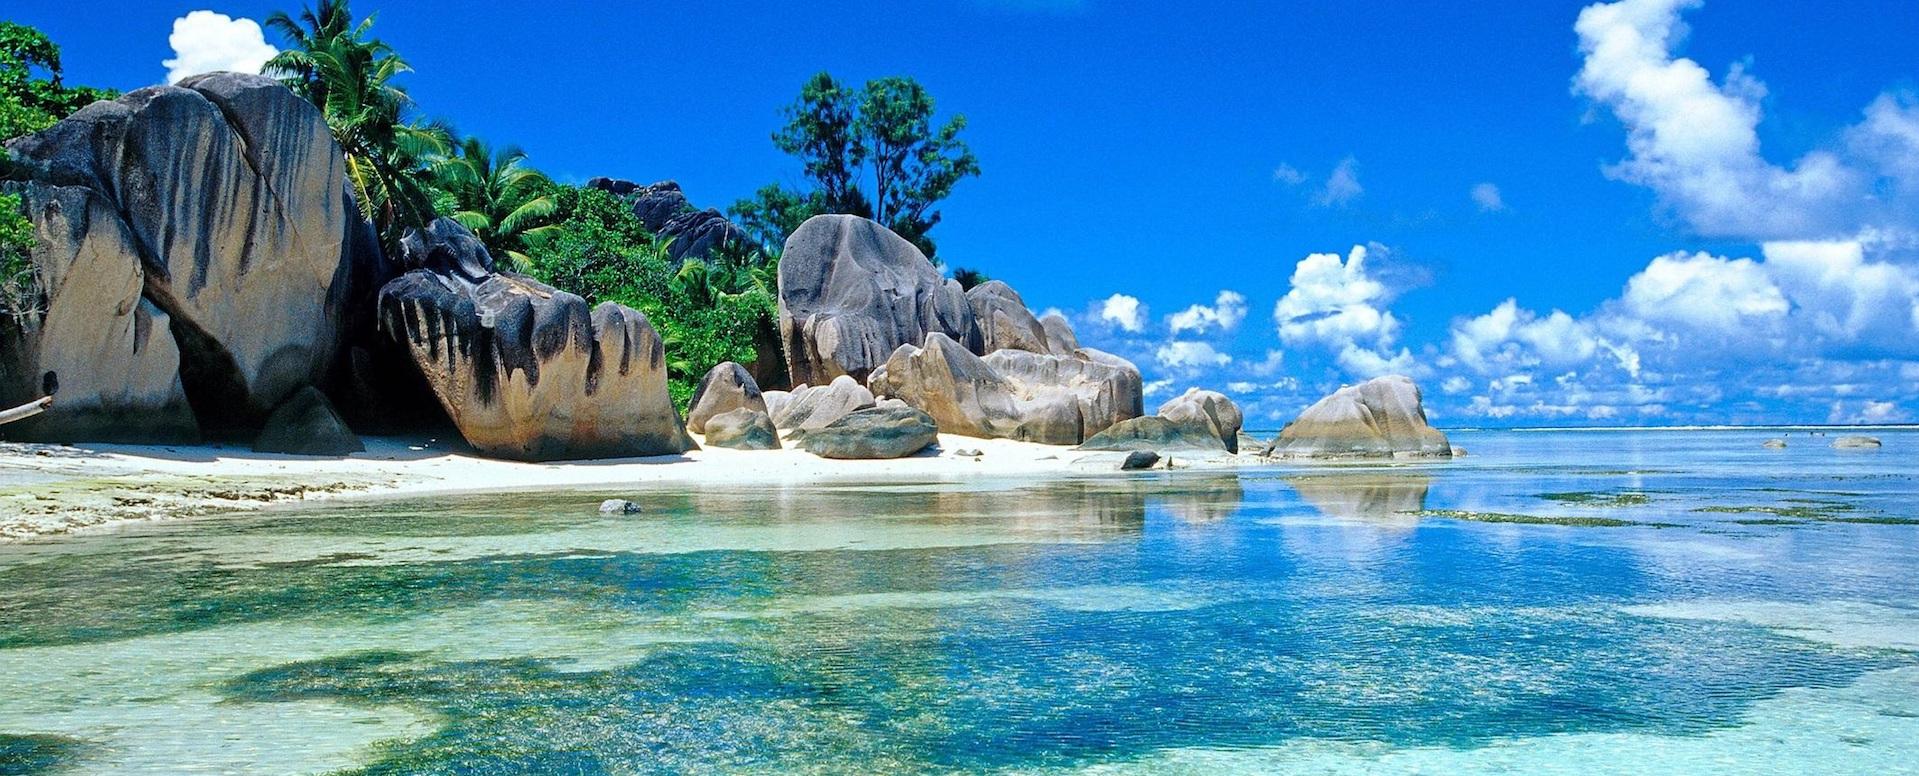 Profiter des belles plages des îles - Indonésie